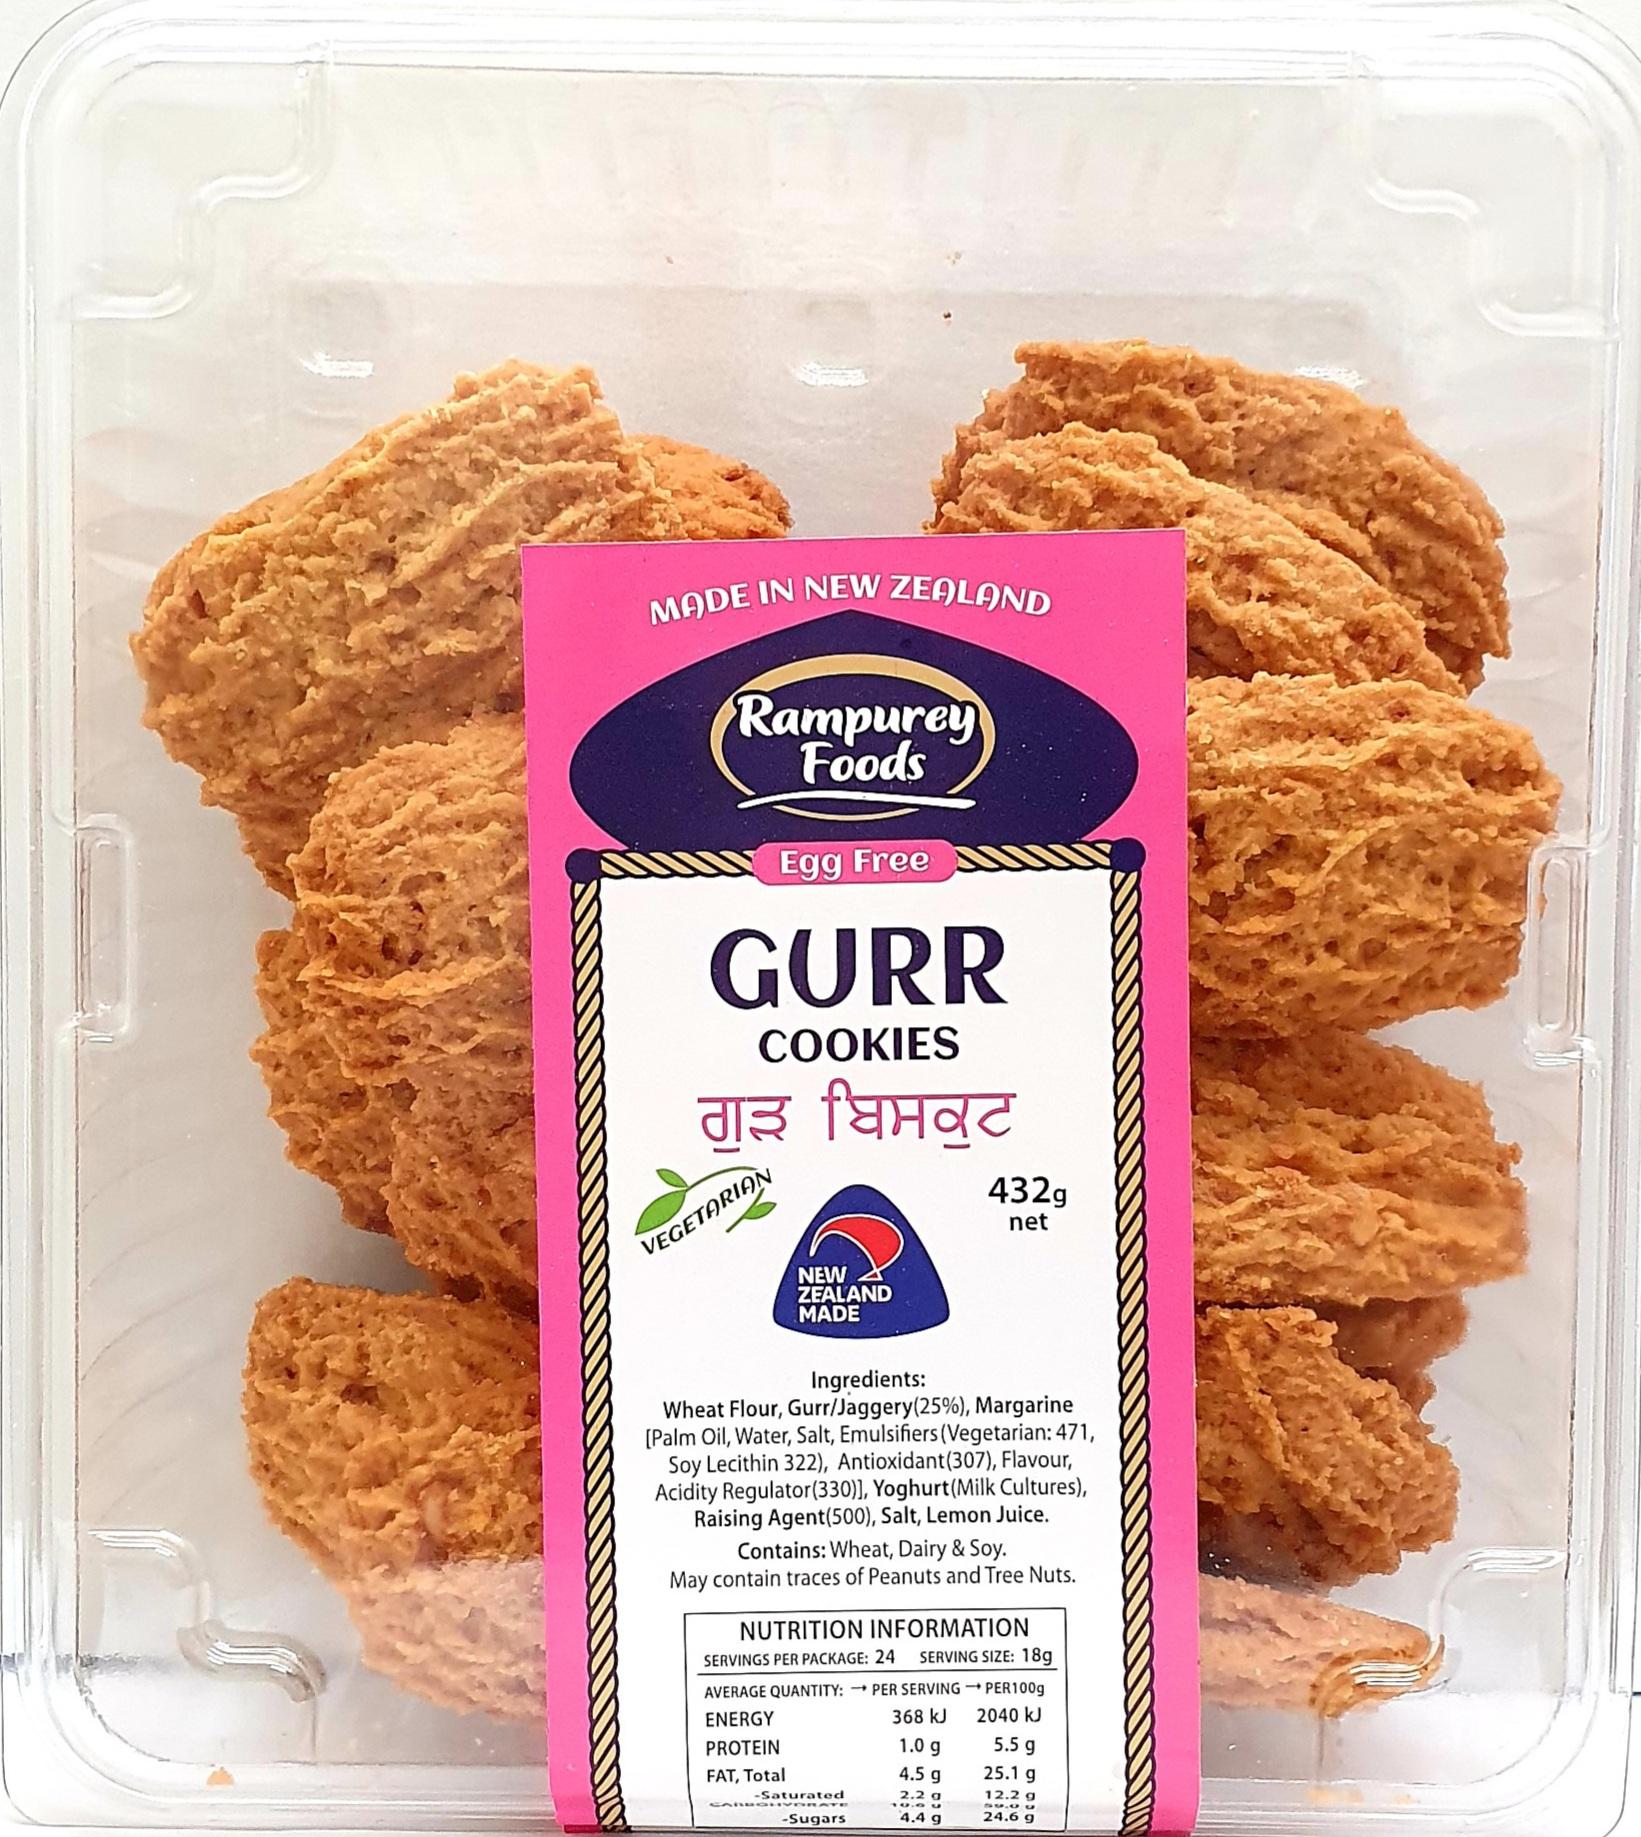 Gurr Cookies